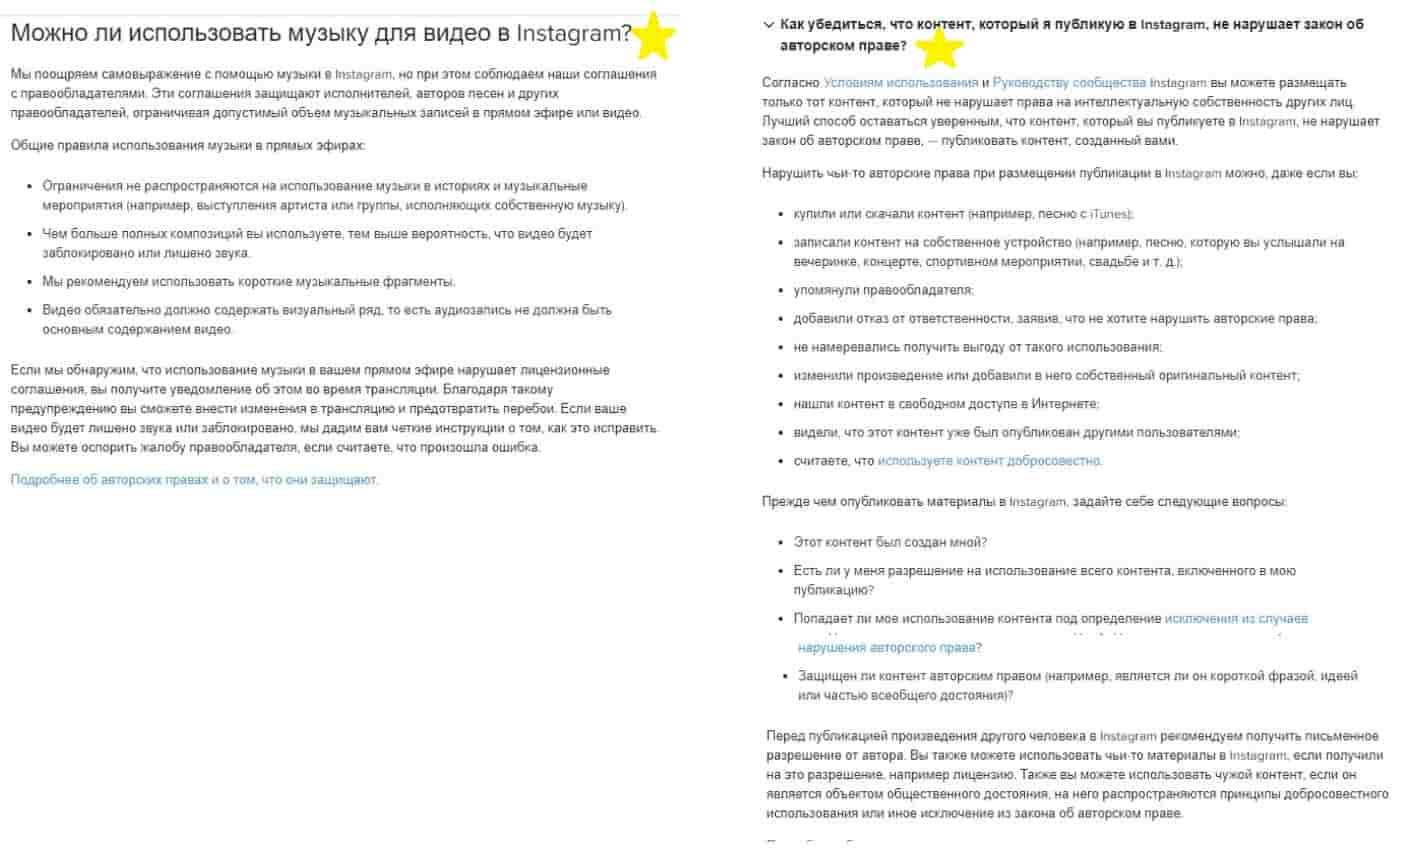 справочник рекомендации инстаграм